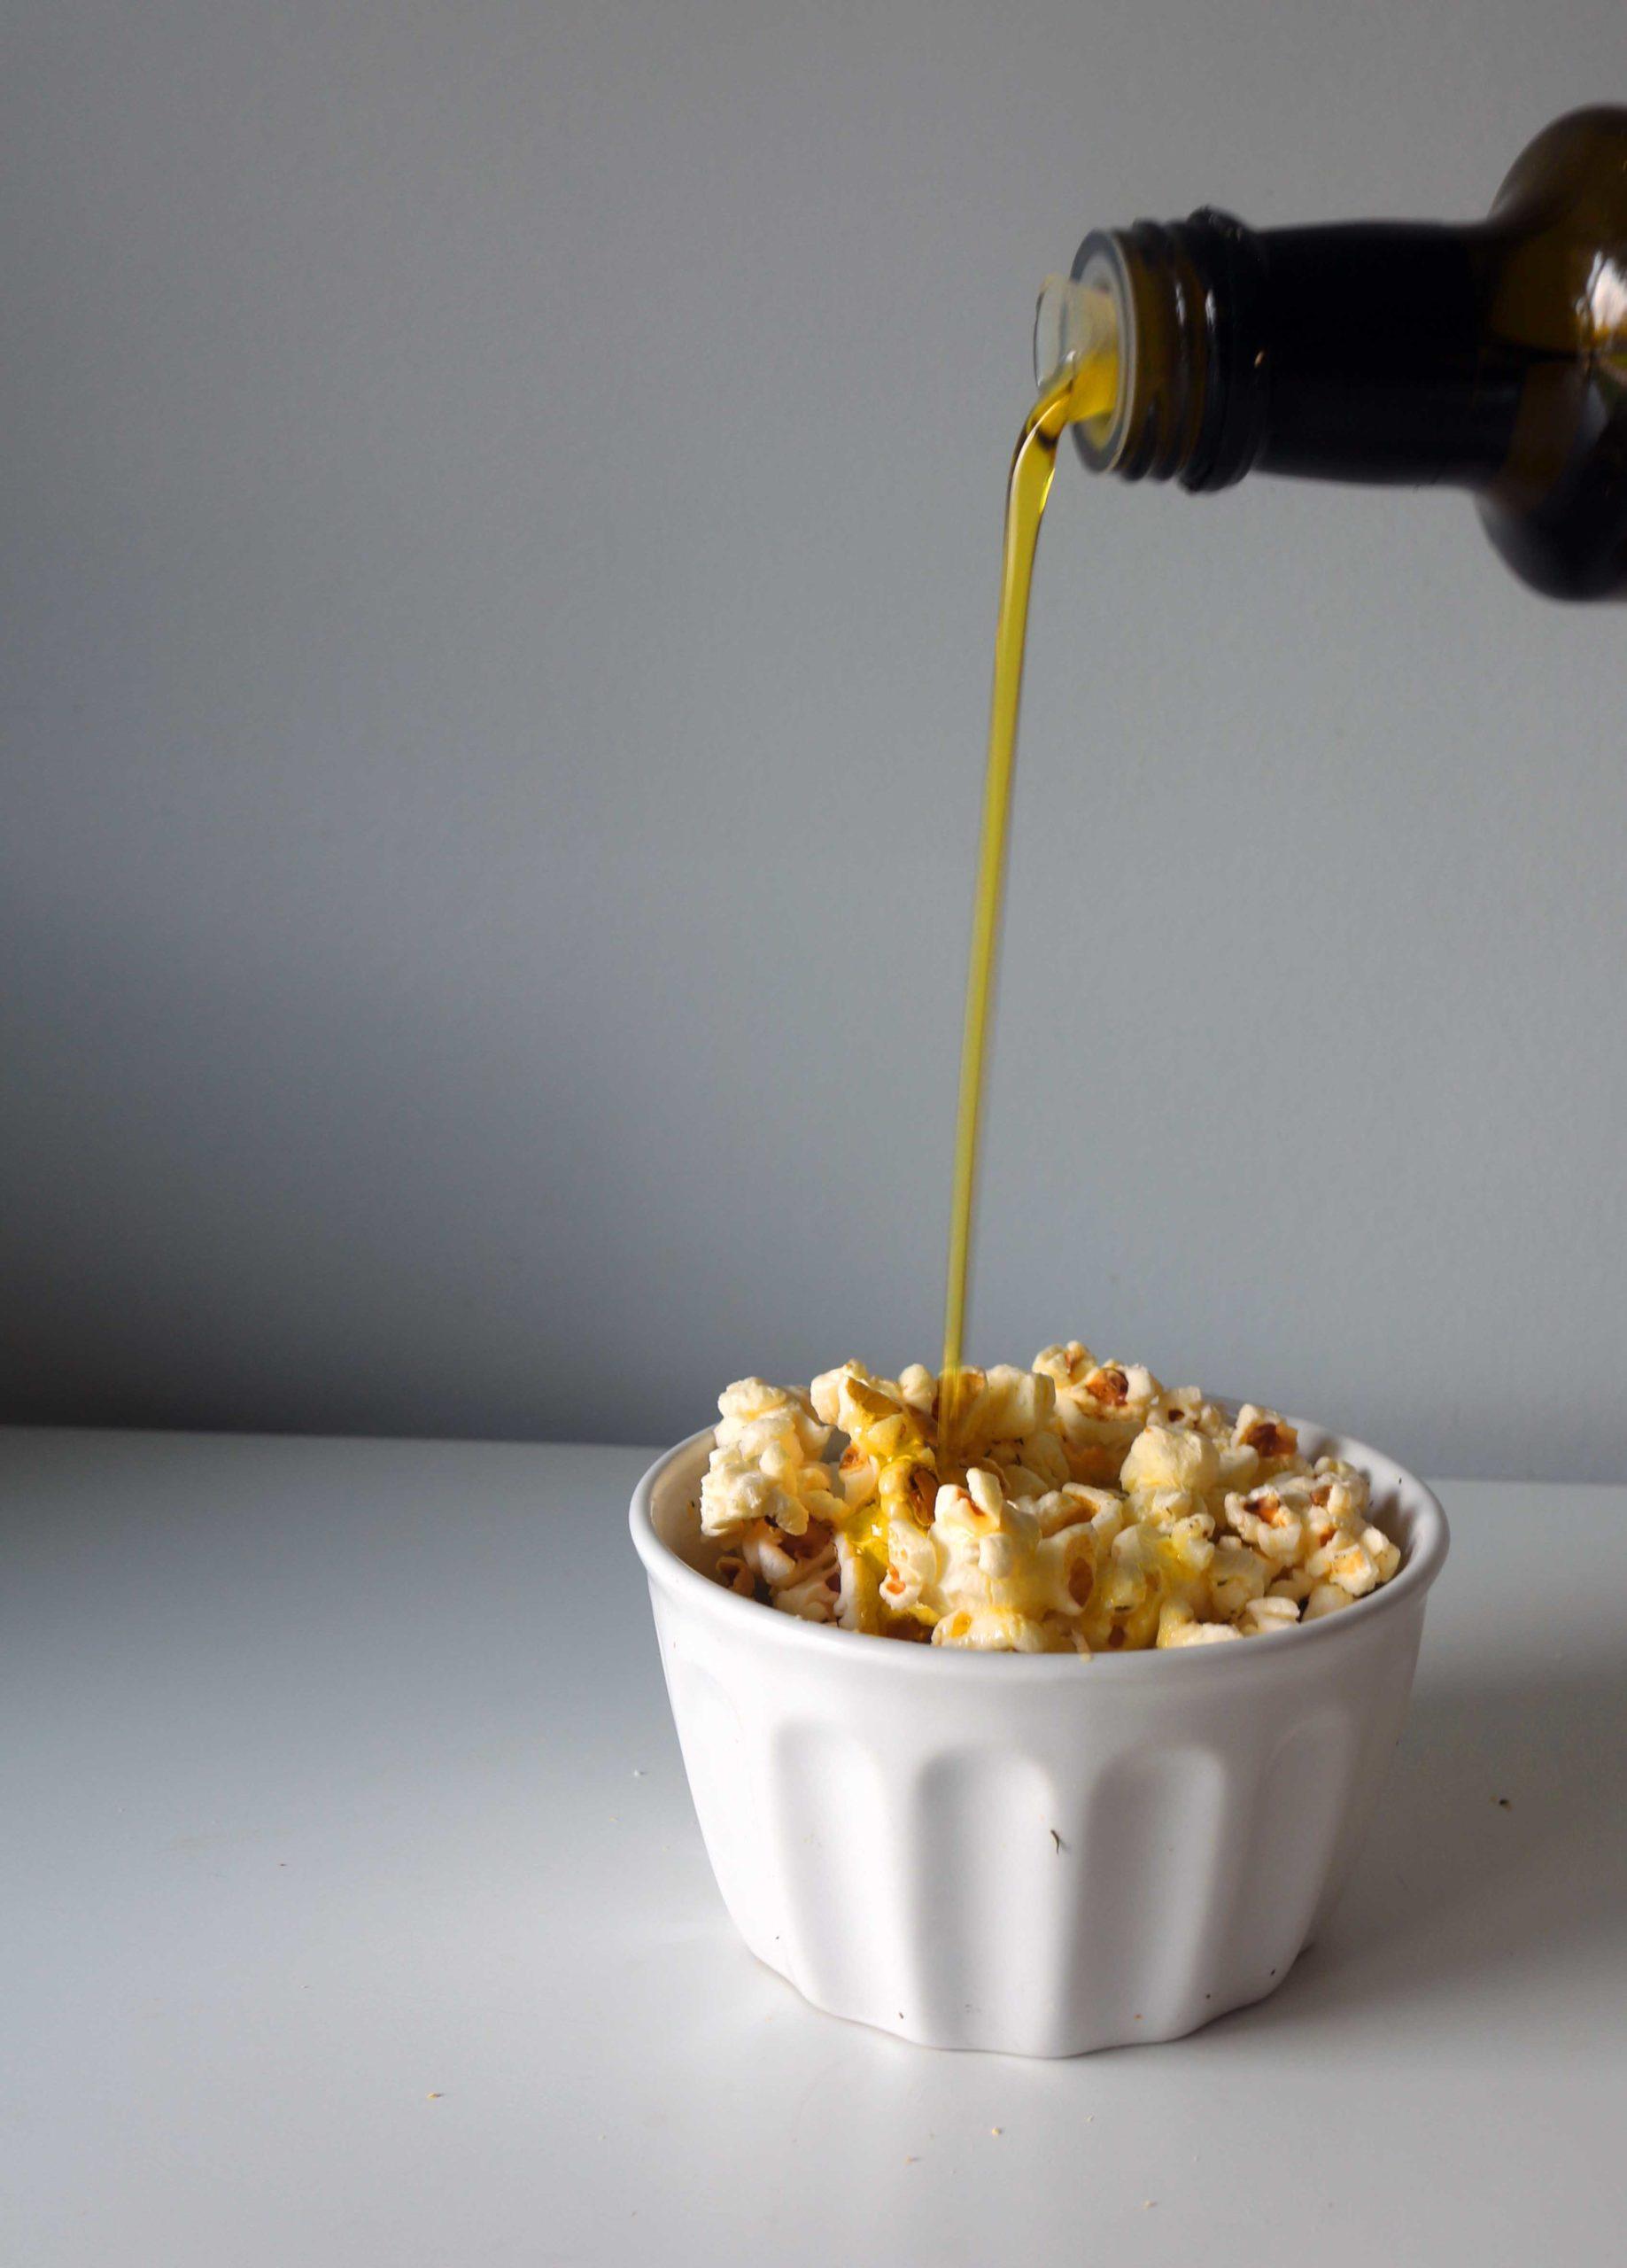 Olive oil poured on popcorn.